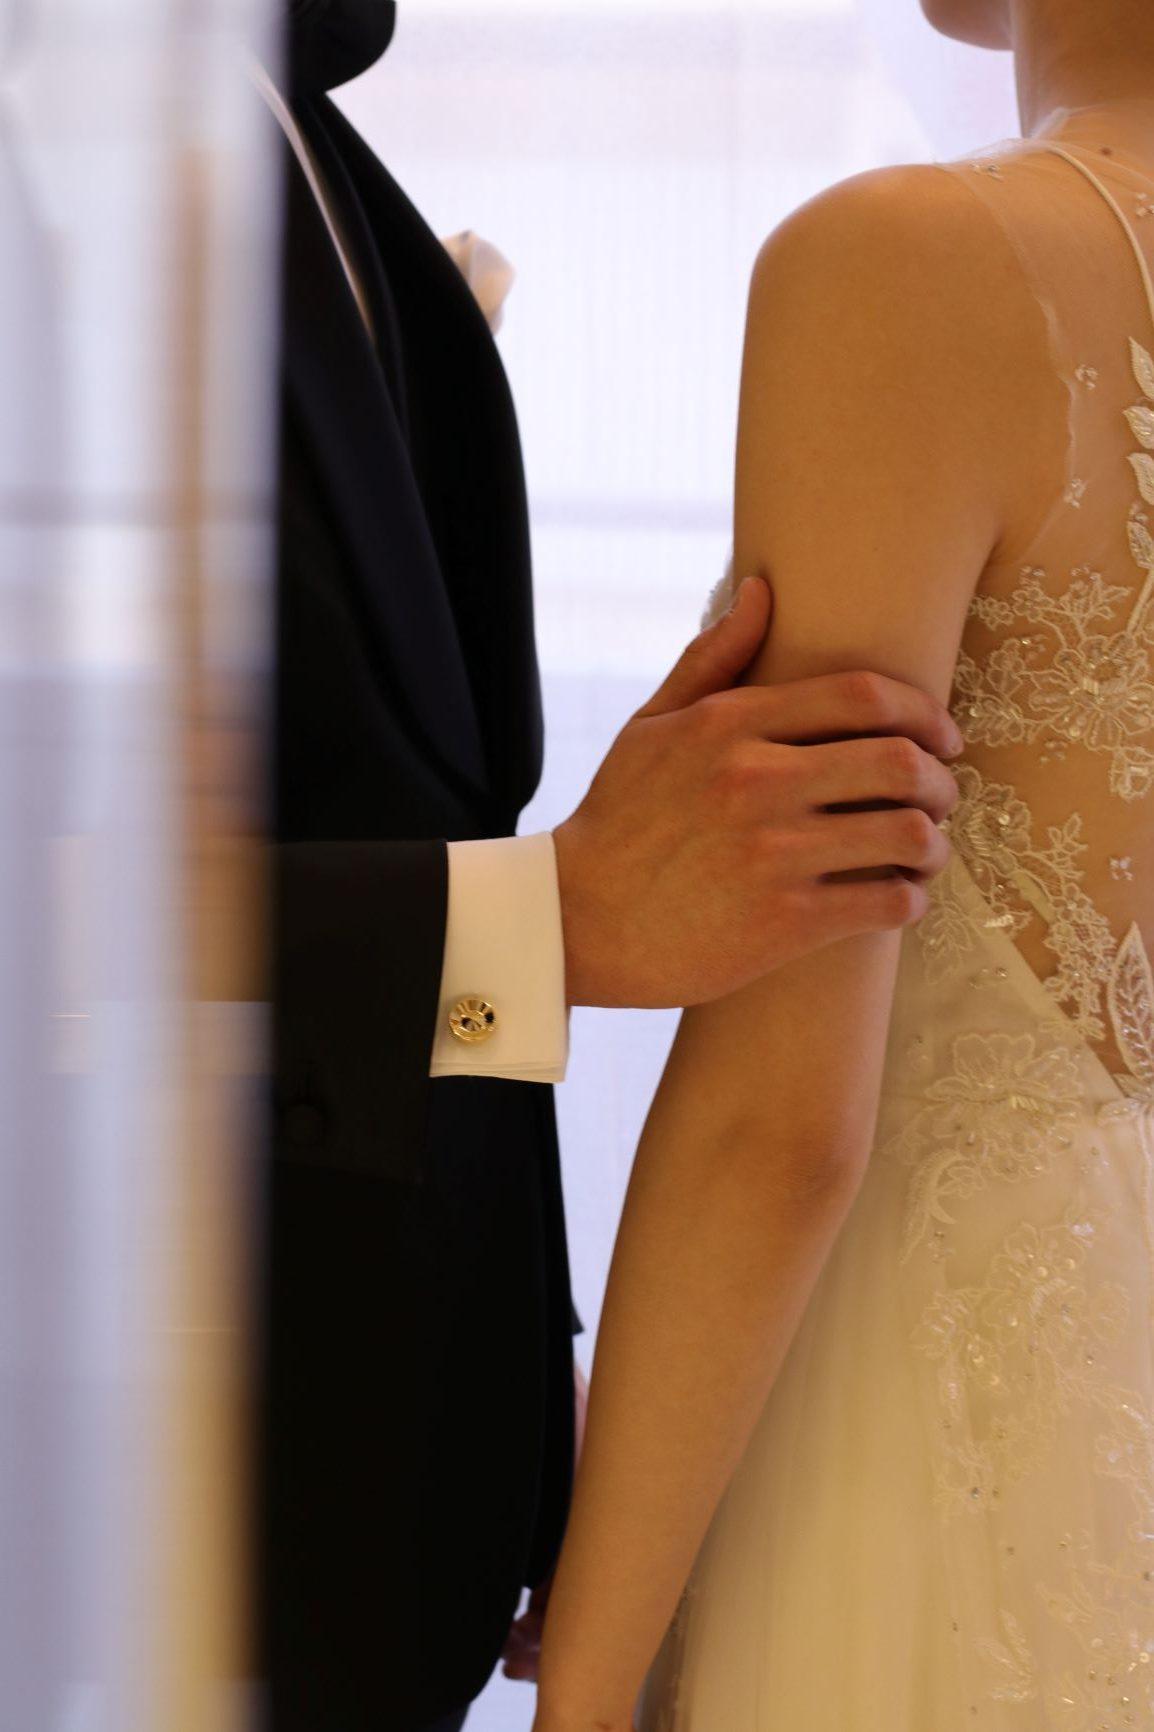 ザ・トリート・ドレッシングおすすめの、柔らかい印象のチュール素材のウェディングドレスと、紳士的で格好良いフォーマルなタキシードを合わせた新郎新婦様のコーディネート